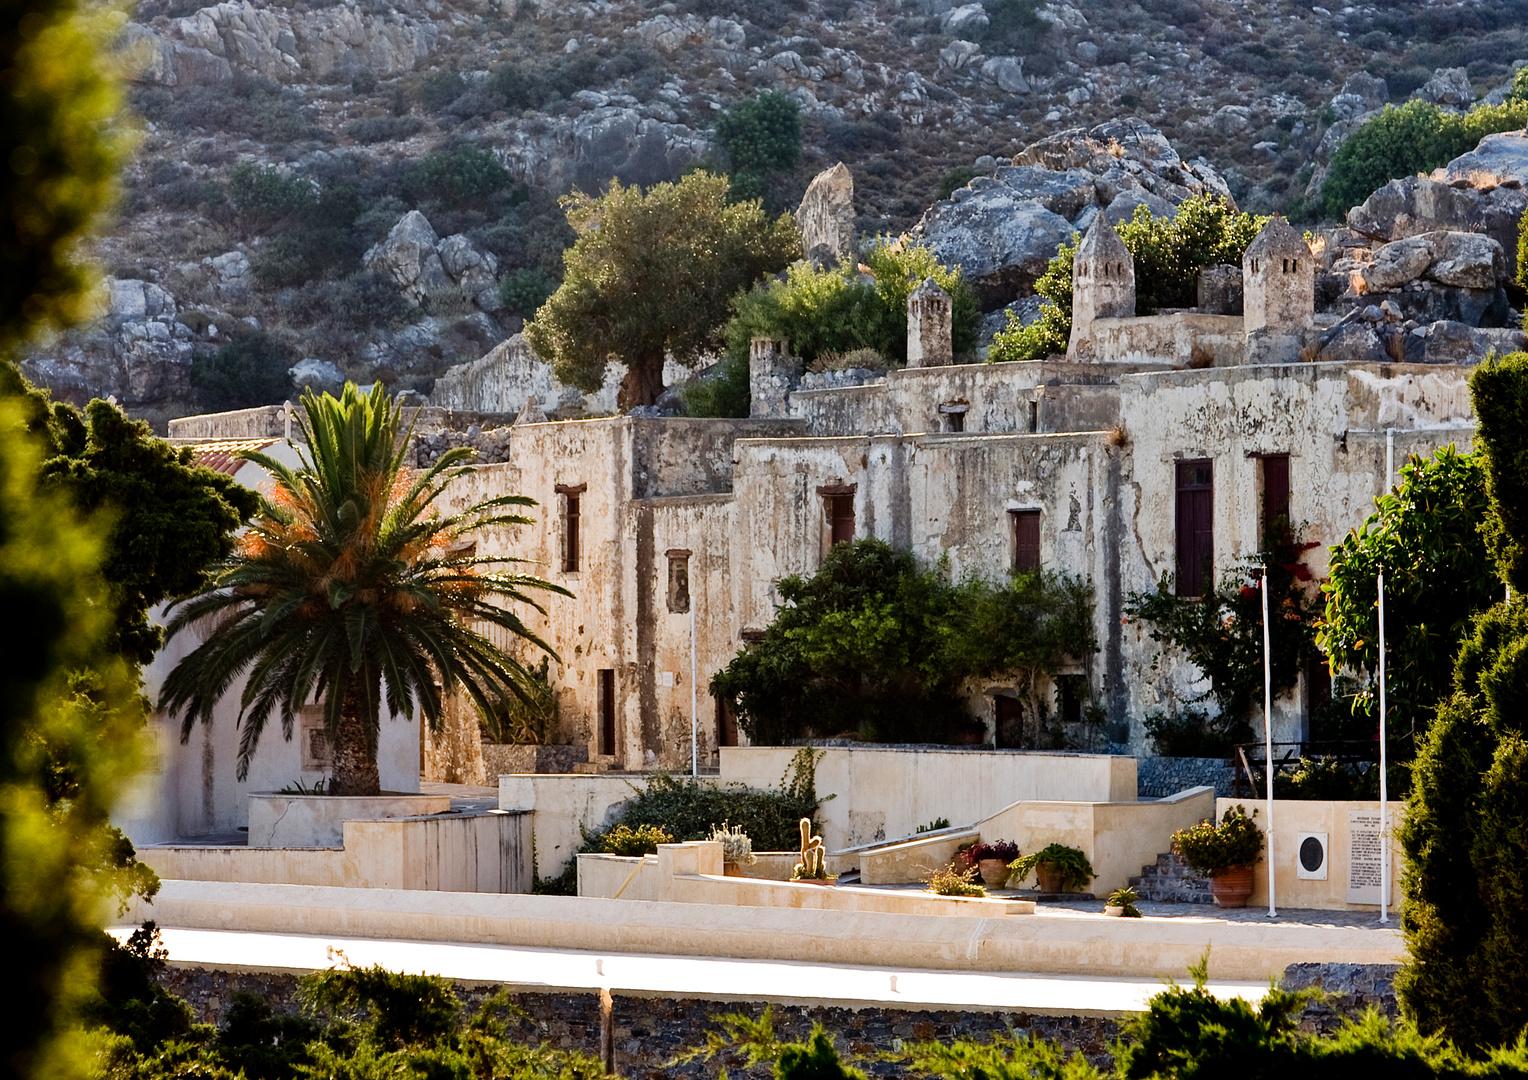 Kloster mit Geschichte